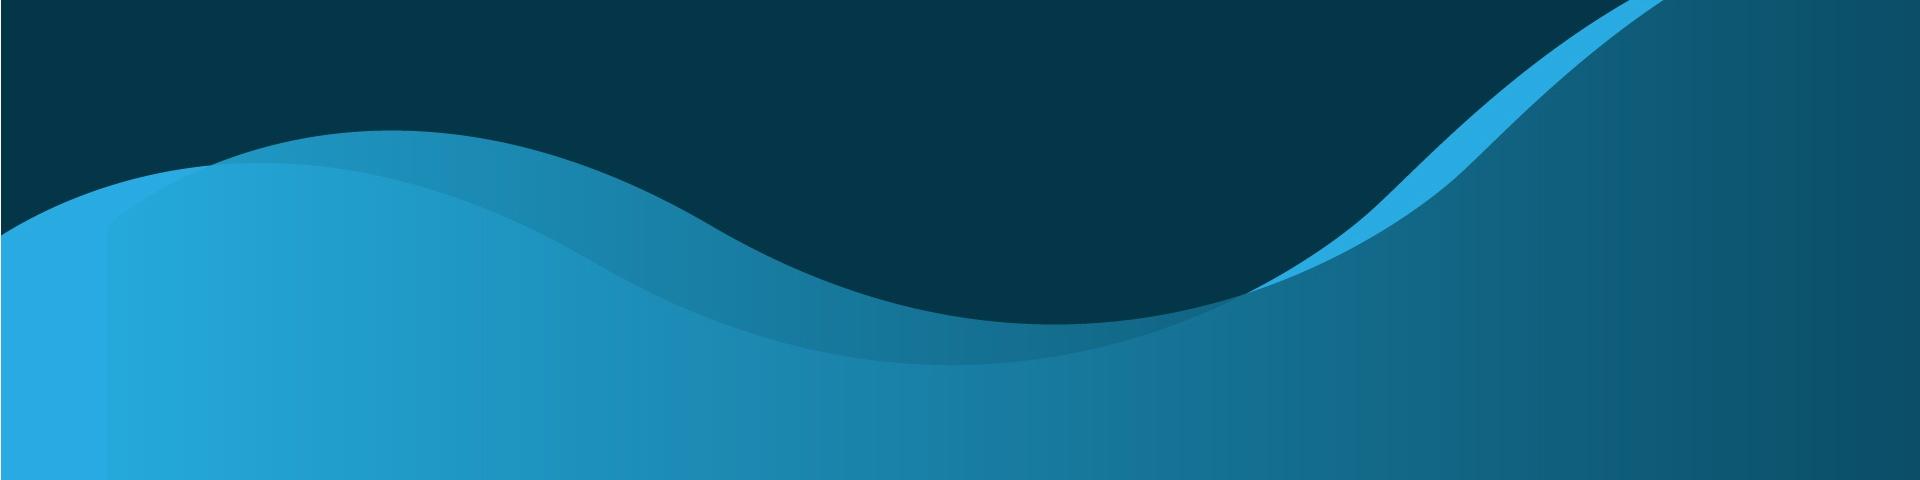 wave-hero_blog.jpg